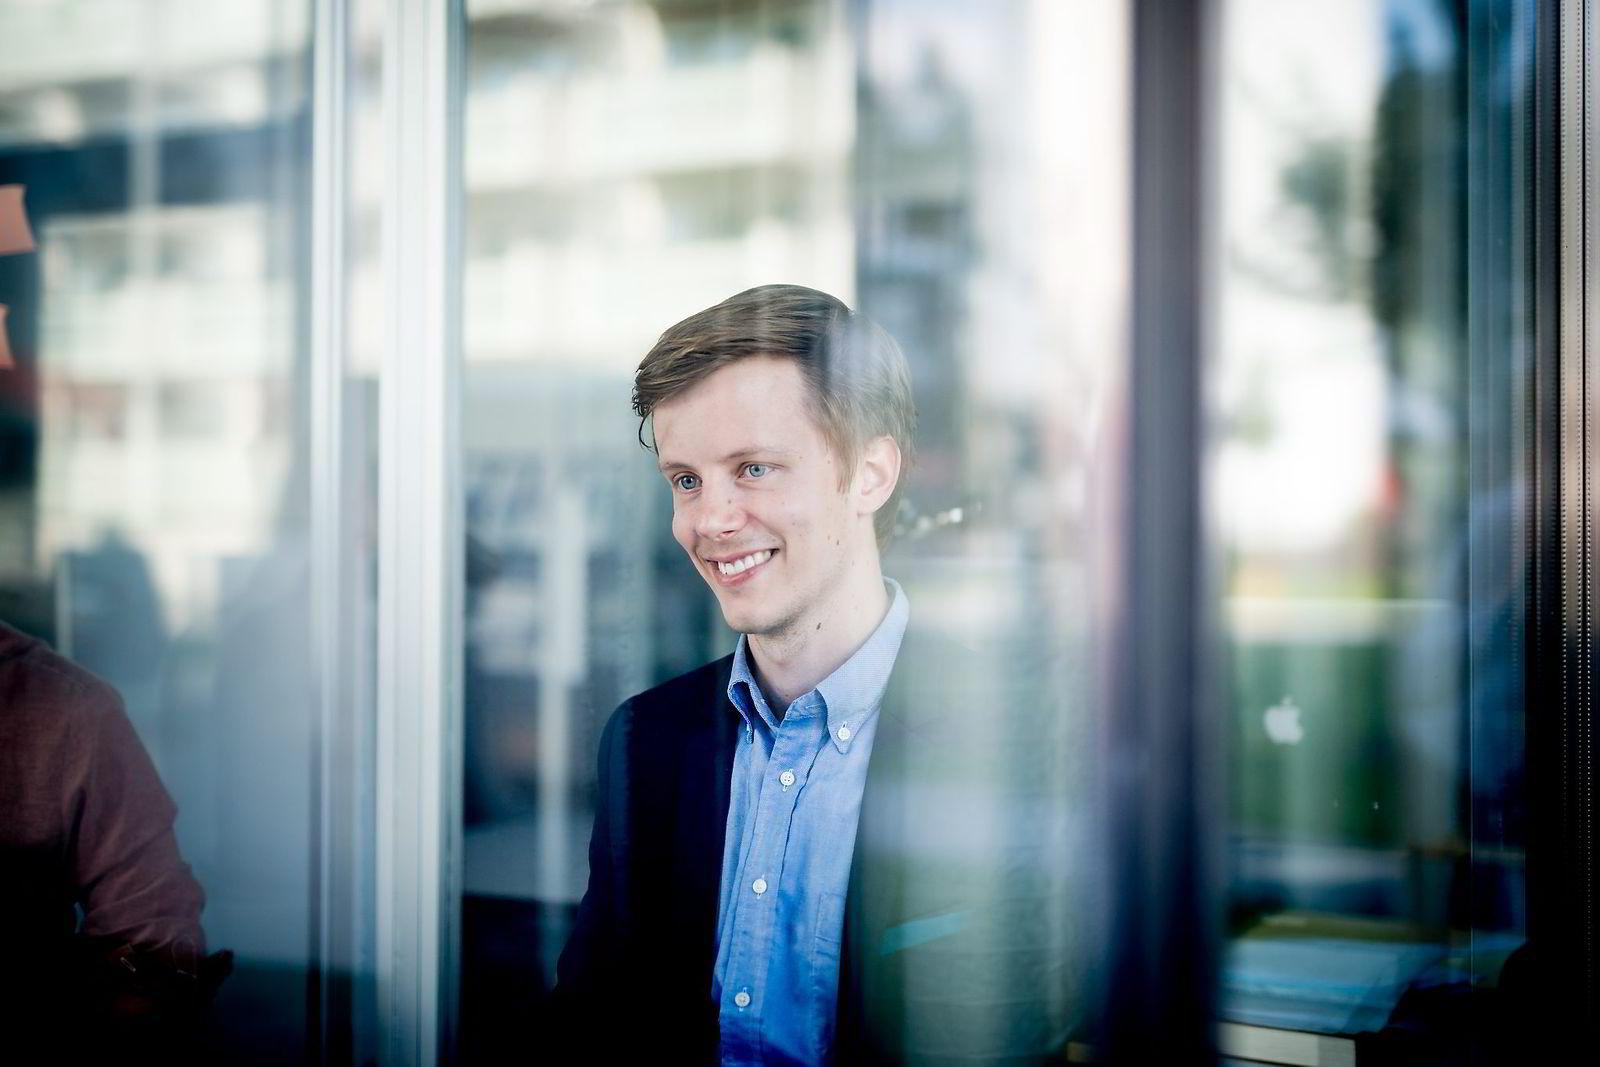 21.08.2015 Stavanger Henrik Jesman Sunde i Zoaring AS, de to gründerne har satset på infographic-filmer for bedrifter.                    FOTO: